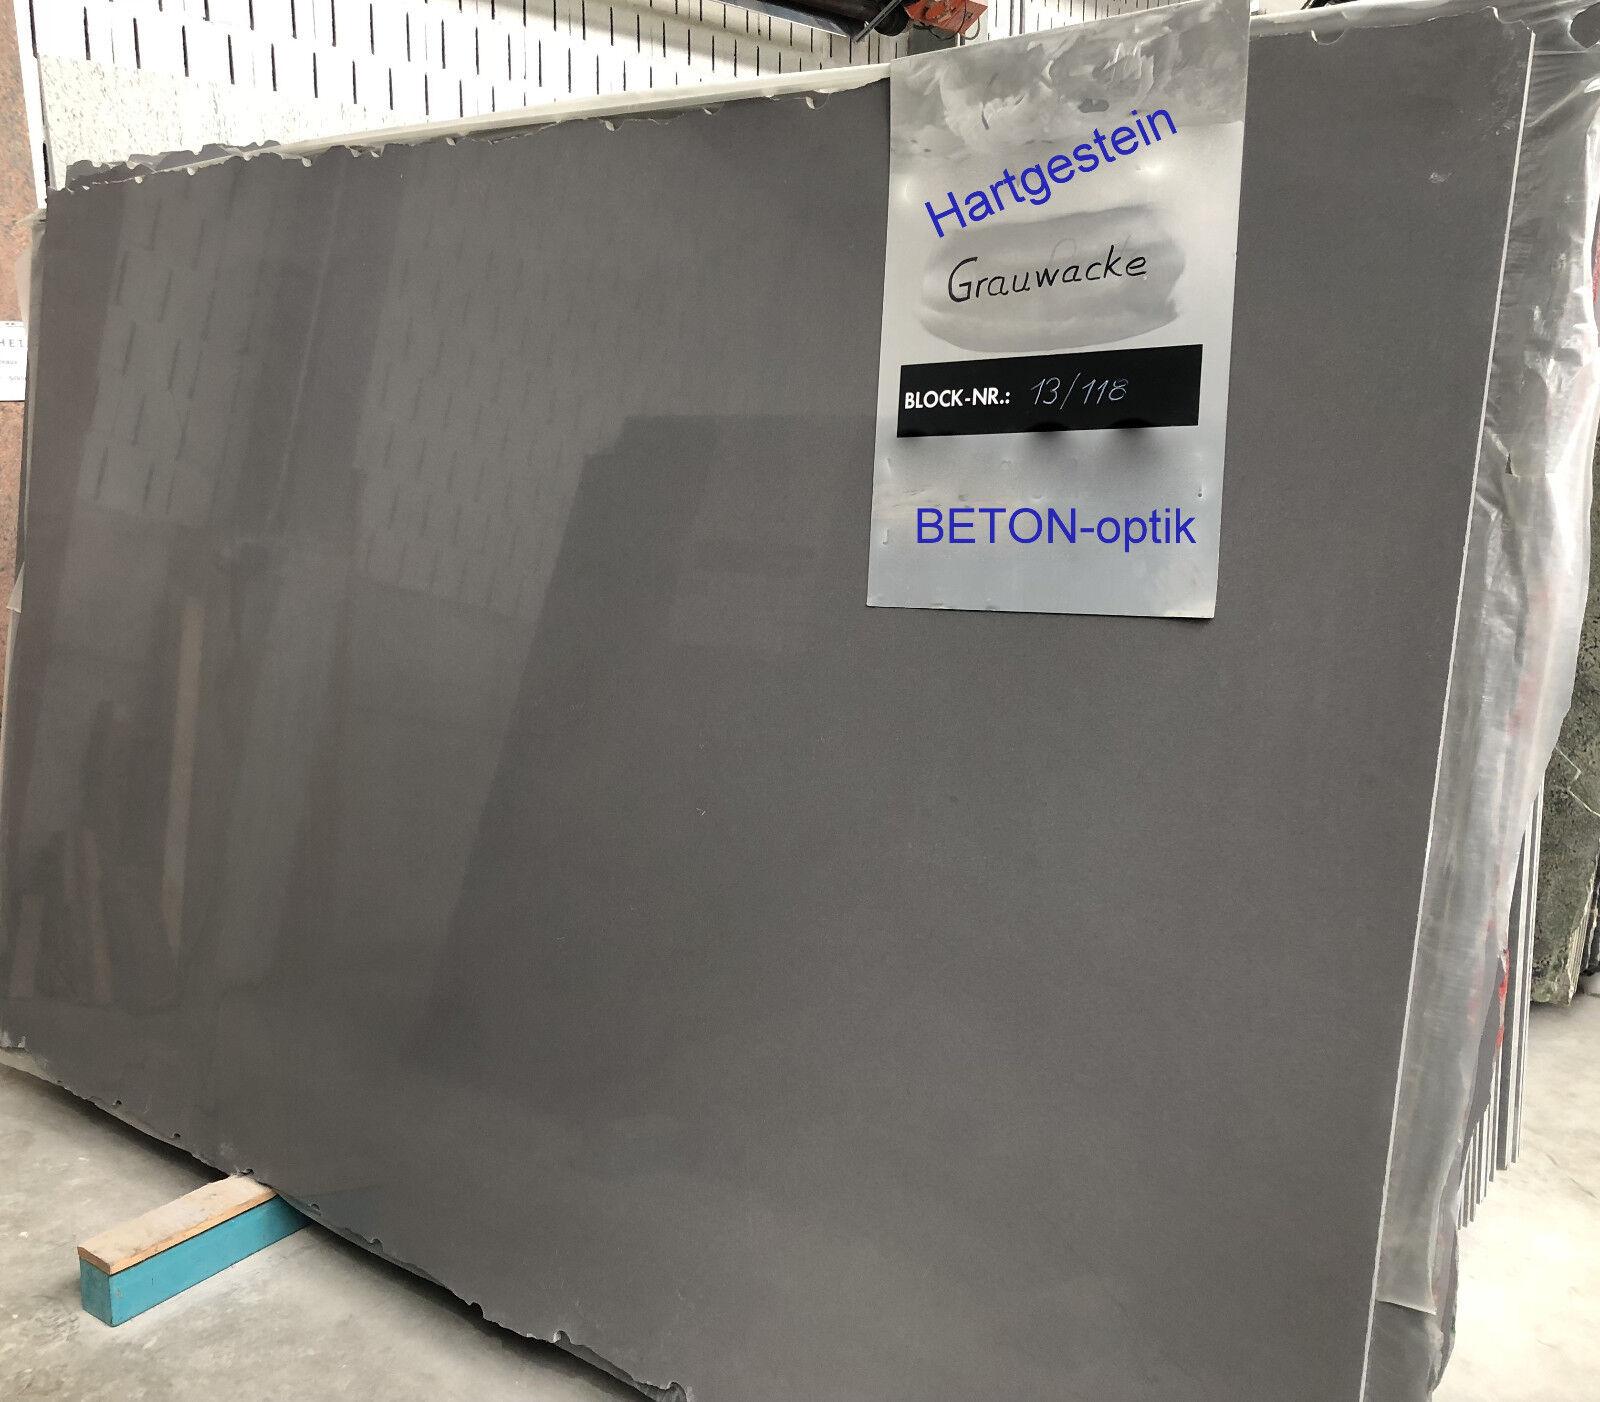 arbeitsplatte steinoptik test vergleich arbeitsplatte. Black Bedroom Furniture Sets. Home Design Ideas